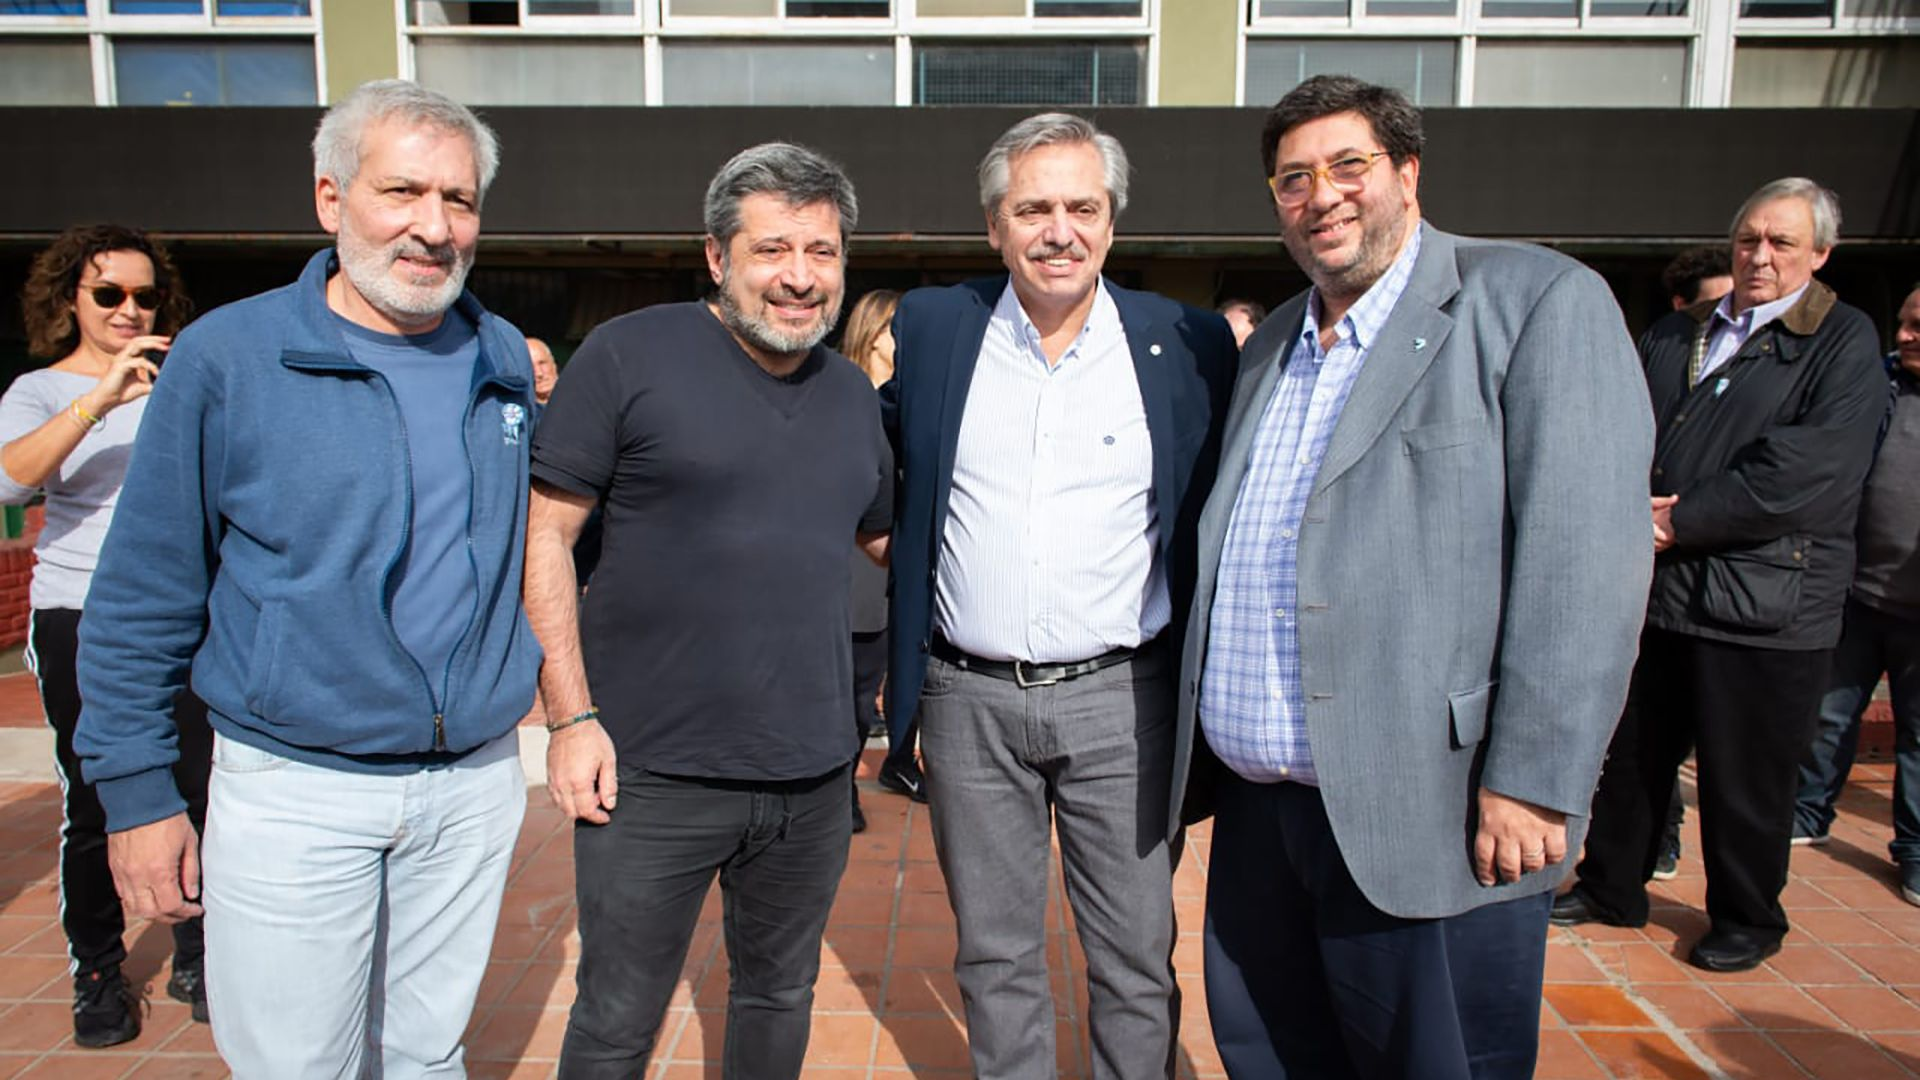 Claudio Ferreño, Víctor Santa María, Alberto Fernández y Juan Manuel Olmos